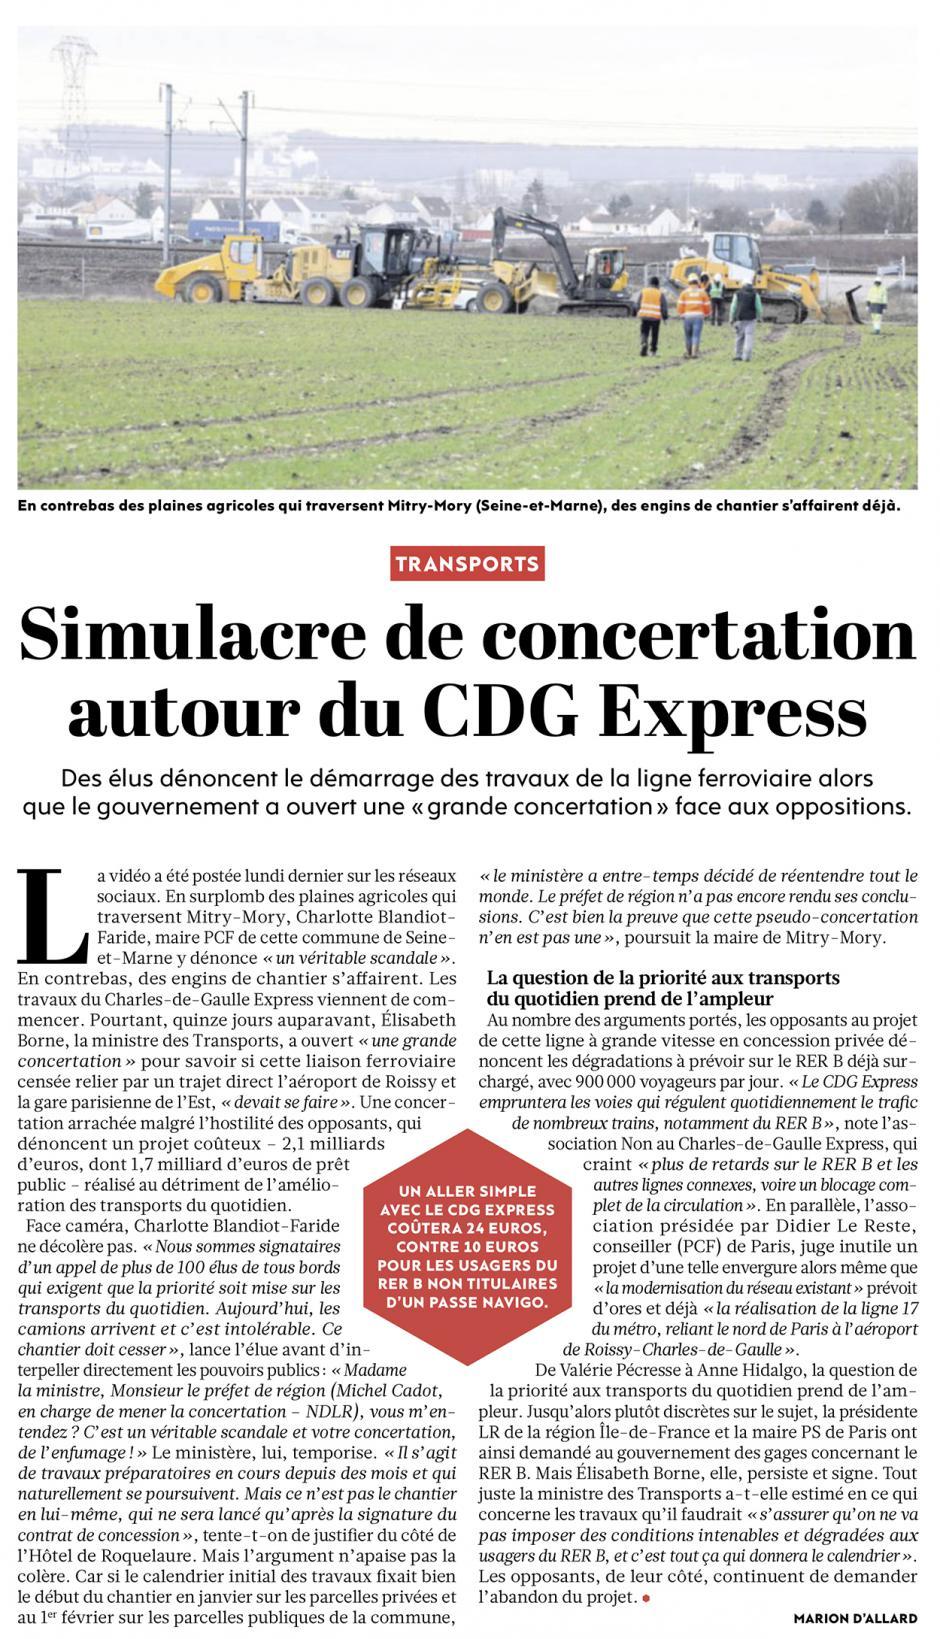 20190201-L'Huma-Île-de-France-Simulacre de concertation autour du CDG Express